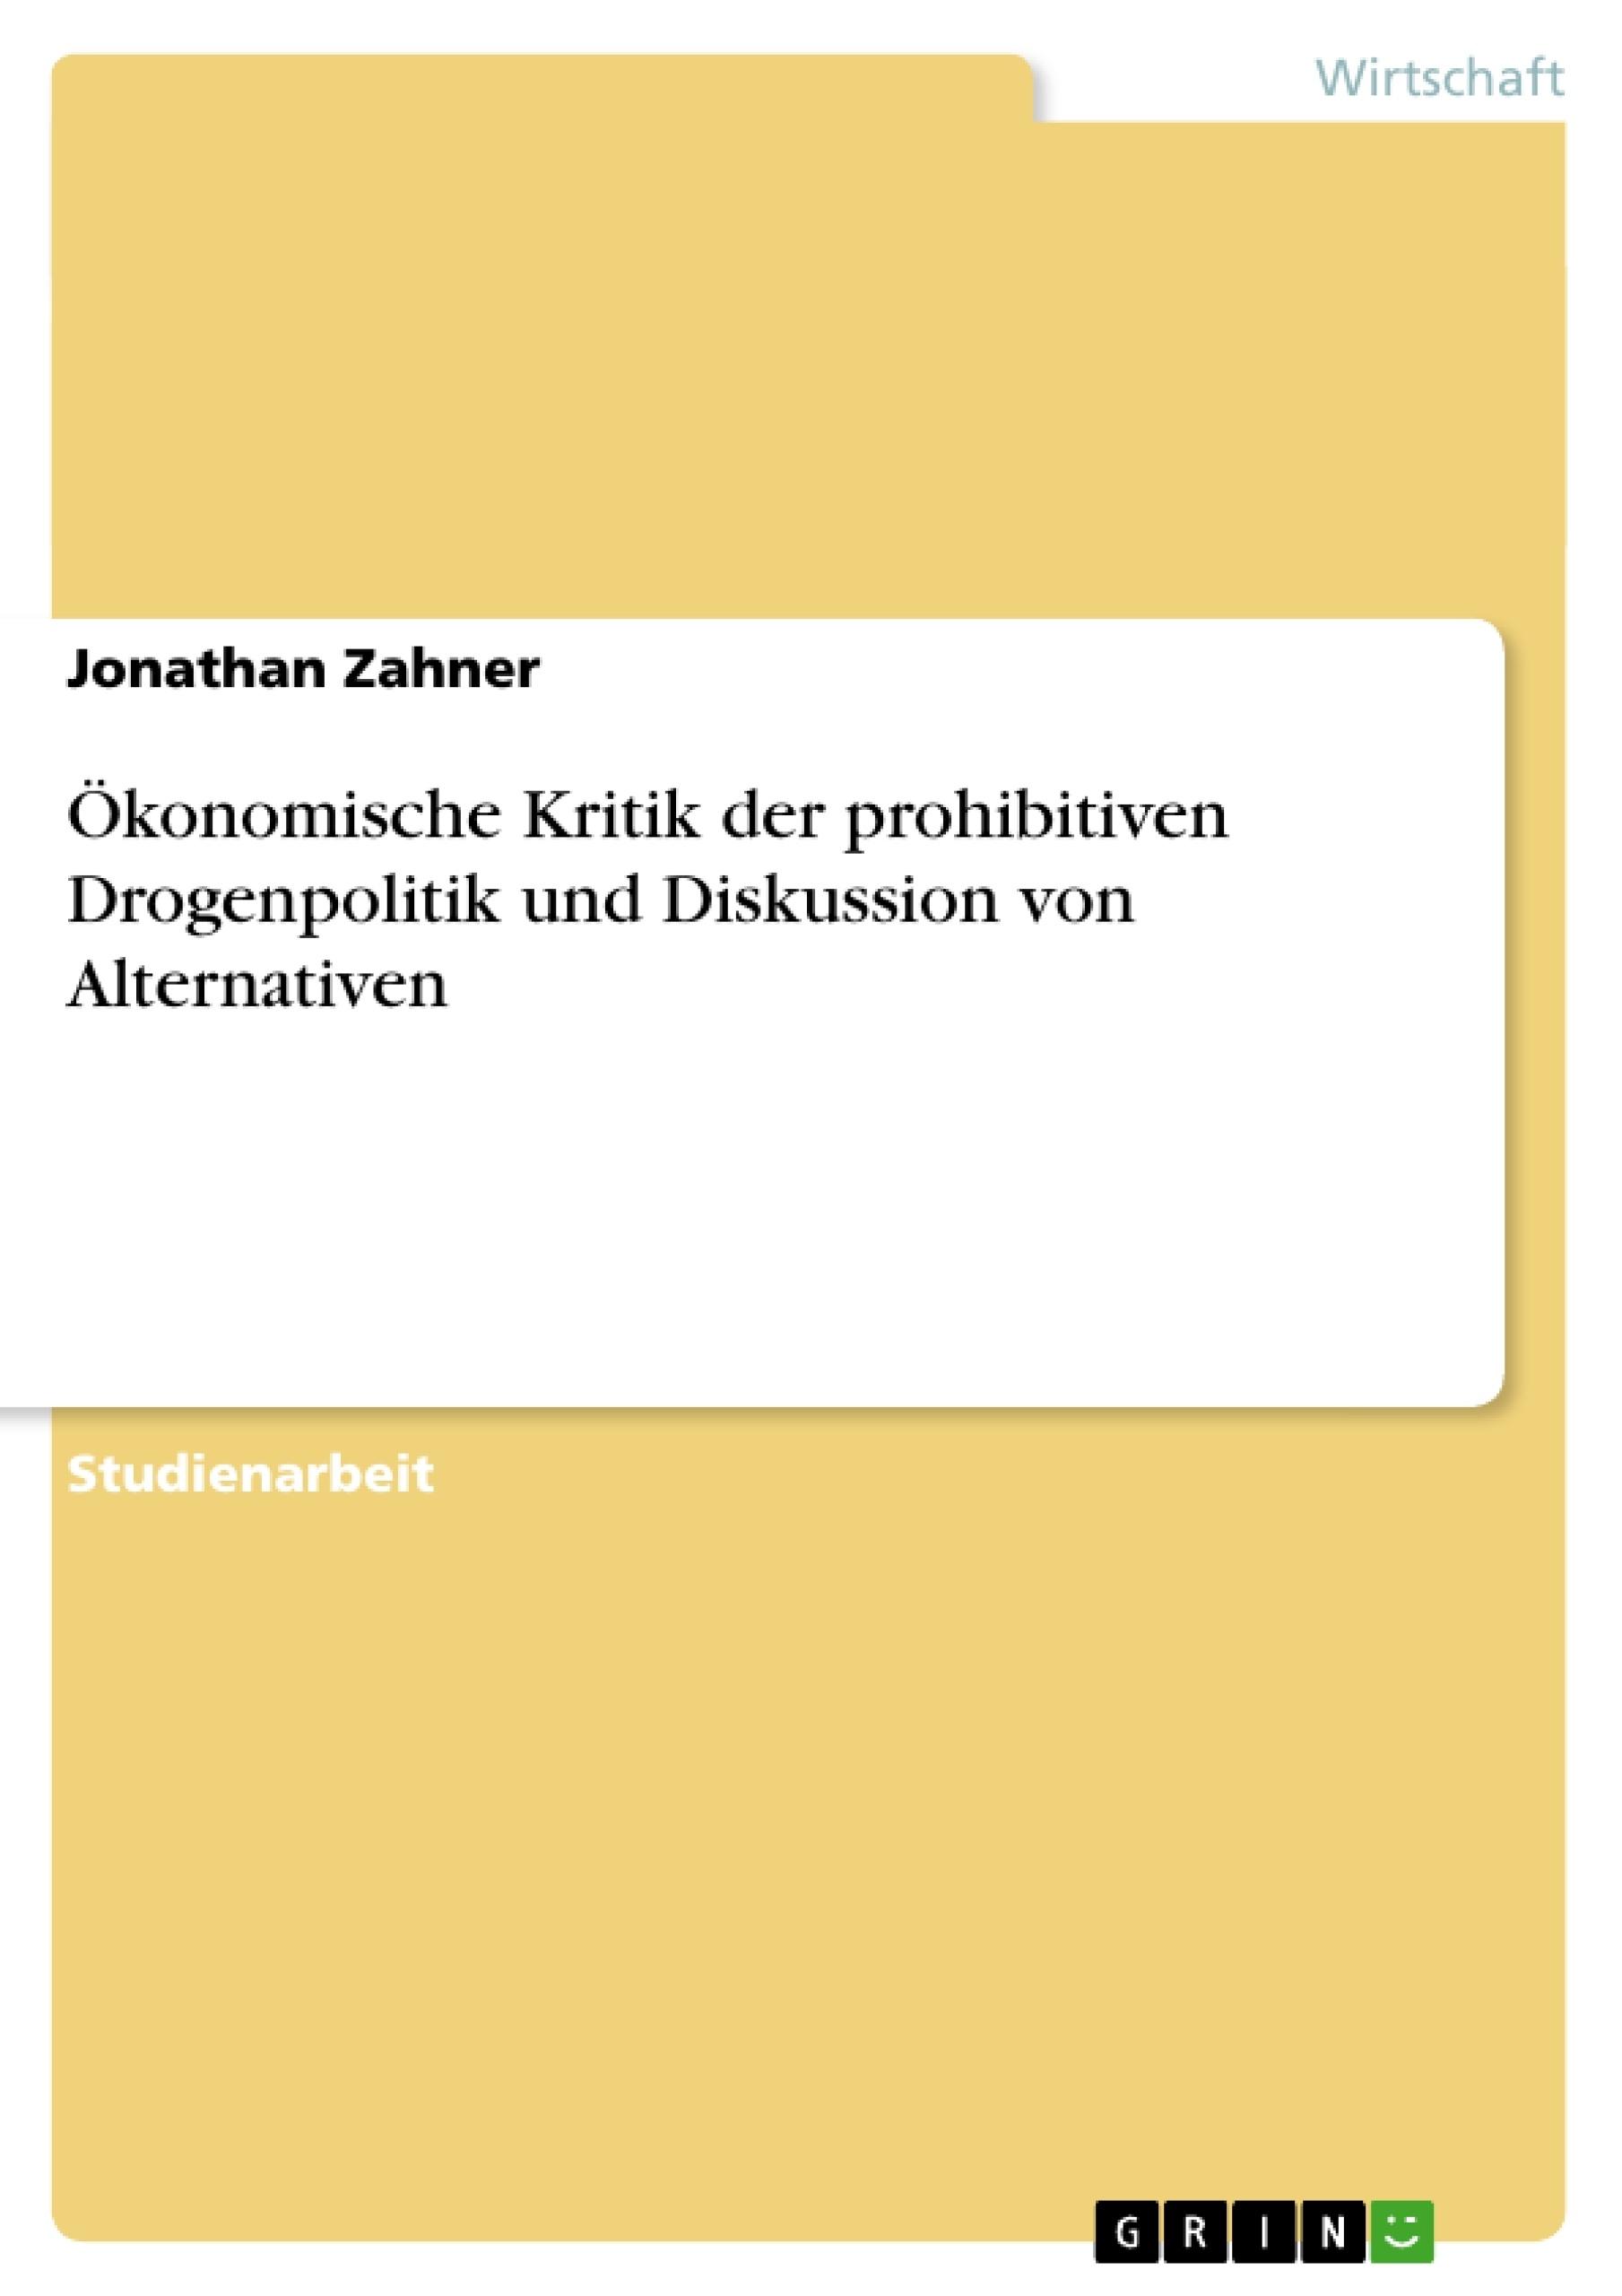 Titel: Ökonomische Kritik der prohibitiven Drogenpolitik und Diskussion von Alternativen